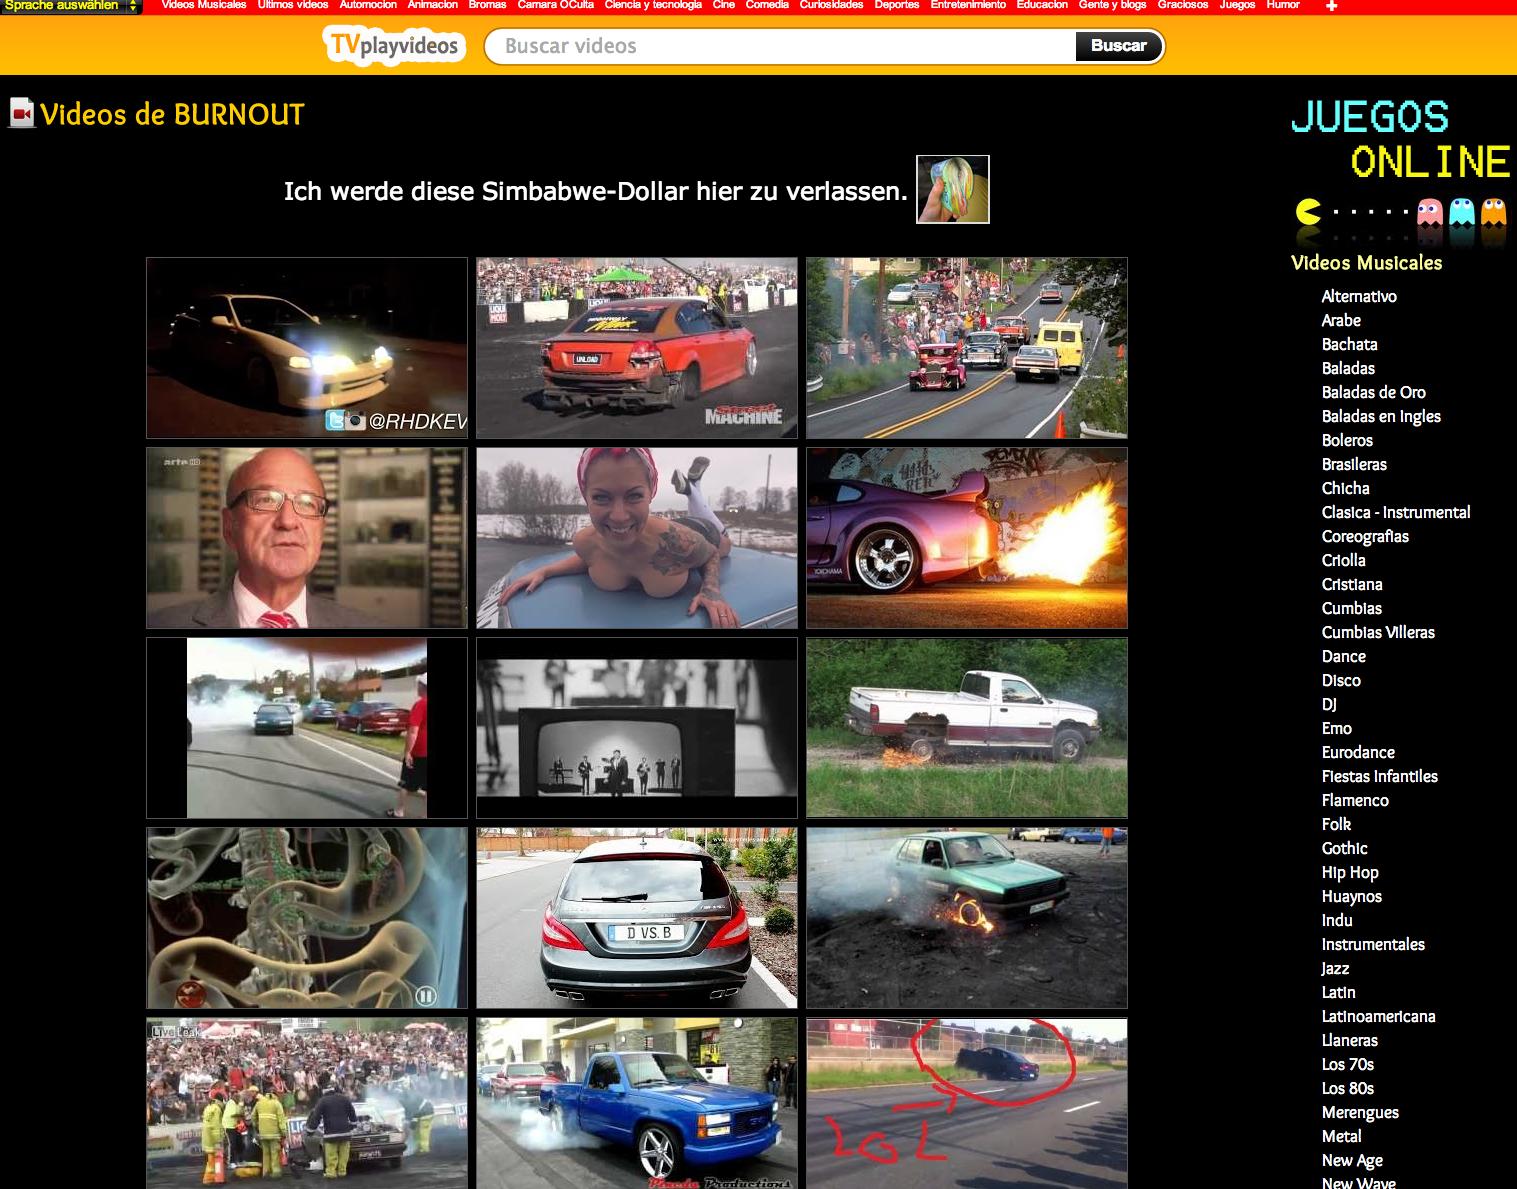 Bildschirmfoto 2014-02-19 um 22.16.32.png